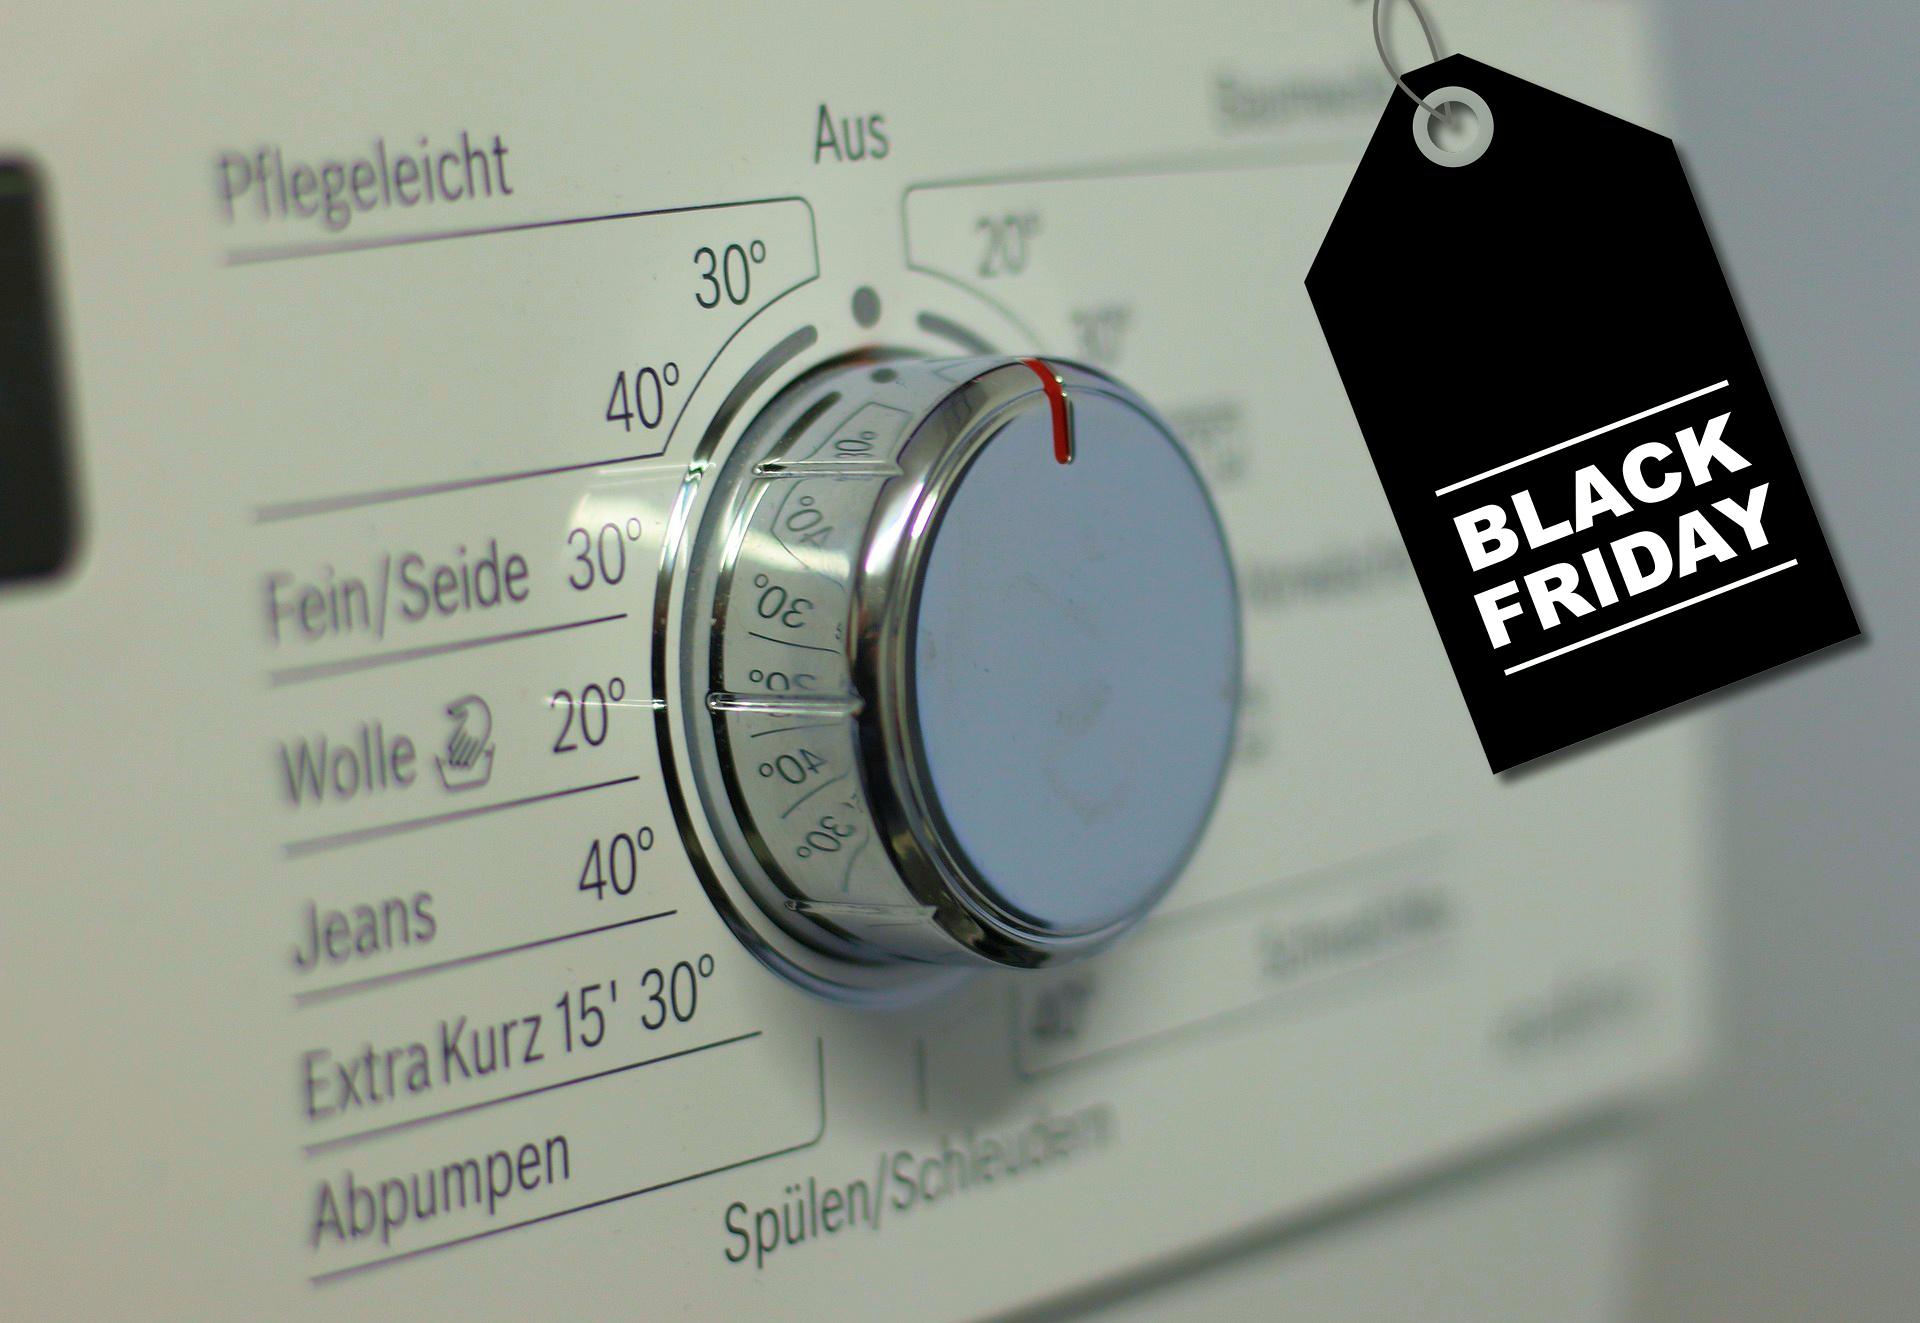 Black Friday Woche Waschmaschinen Waschetrockner Geschirrspuler Die Besten Deals